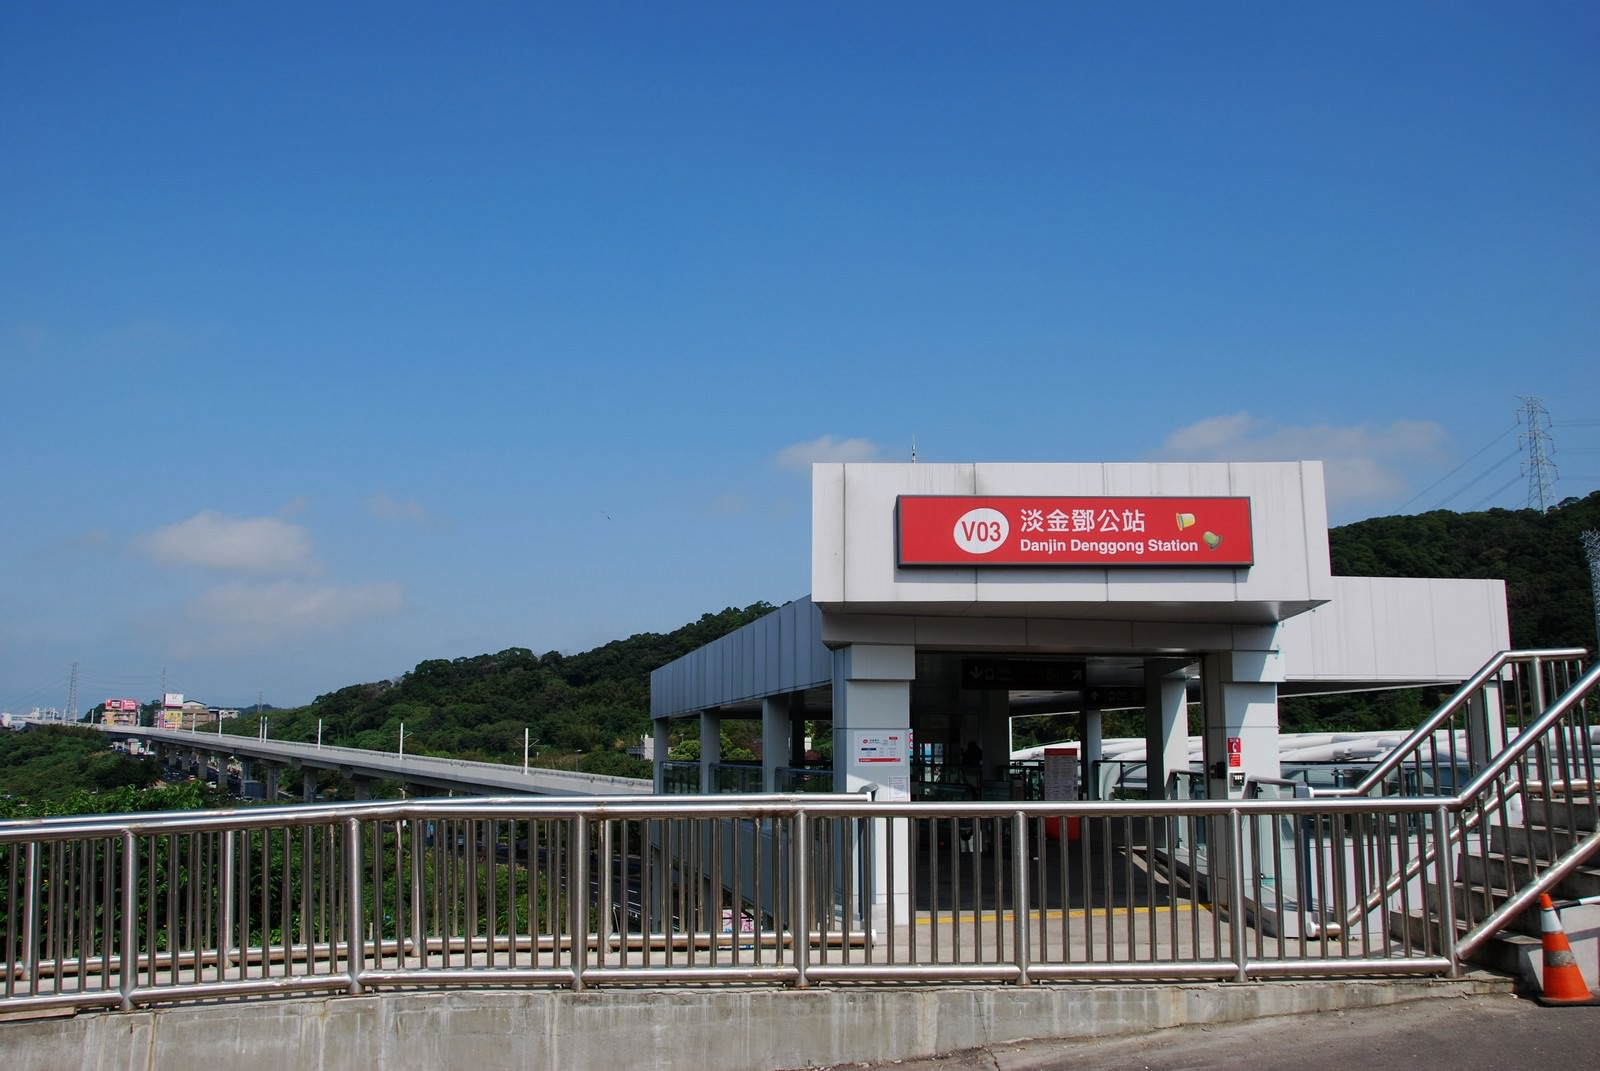 淡海輕軌綠山線, 輕軌淡金鄧公站, 車站建築主體